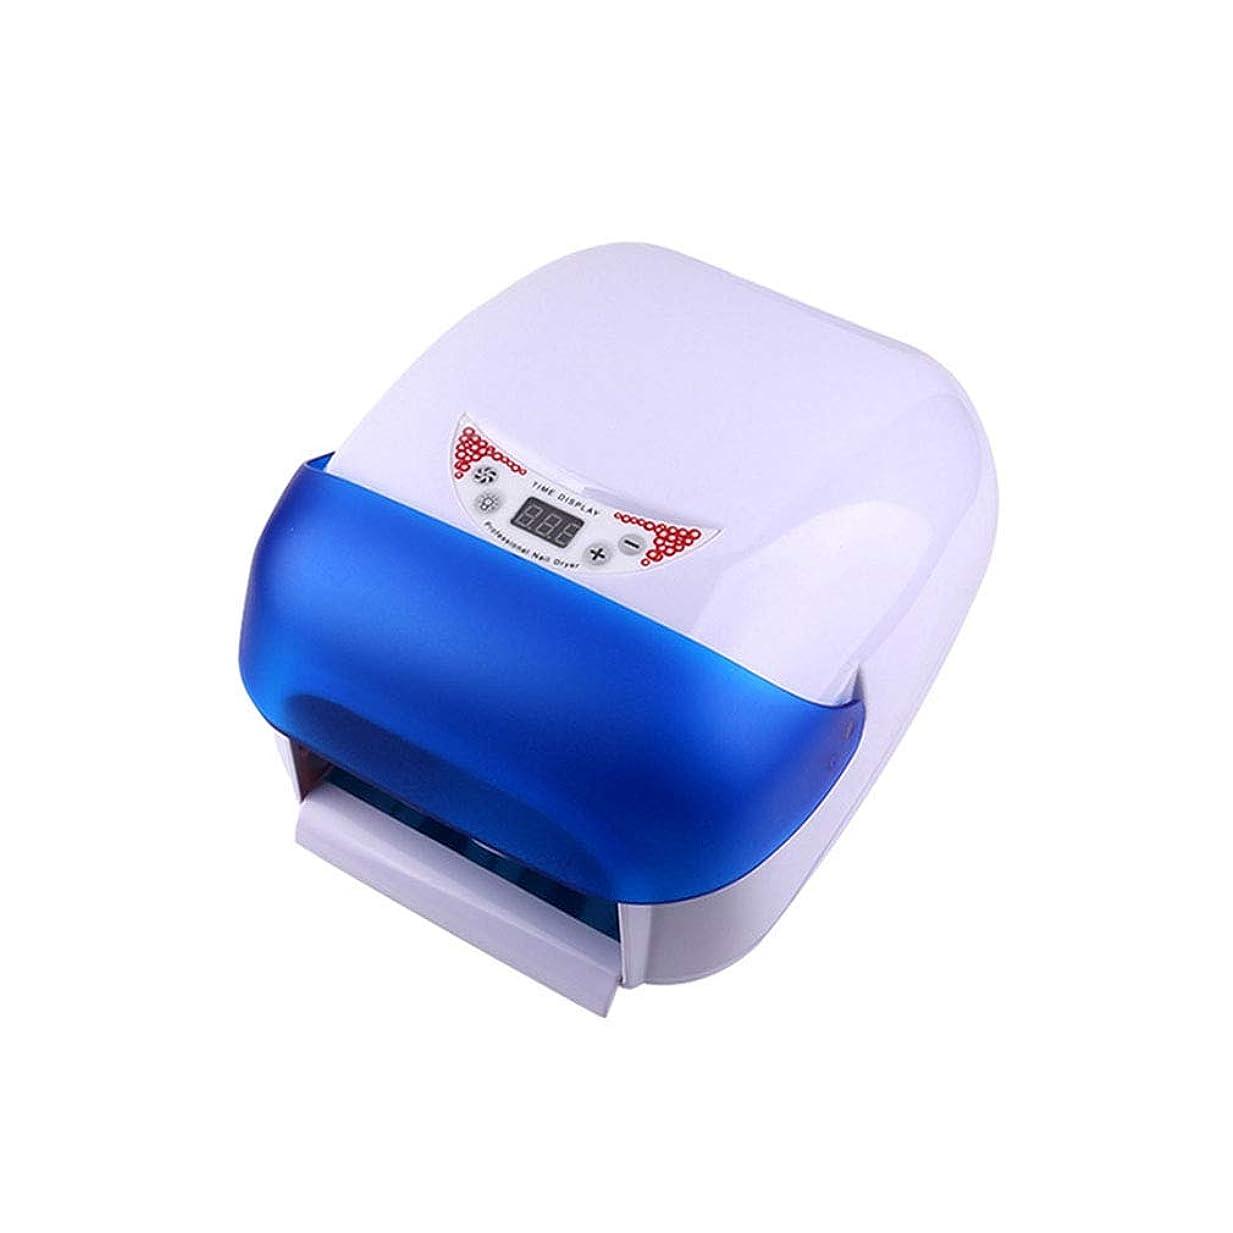 銀どんよりした妖精36ワットネイルドライヤー、ネイル用ポータブルLED/UVランプ、赤外線センサー、LCDディスプレイ、すべてのジェルに適して,Blue